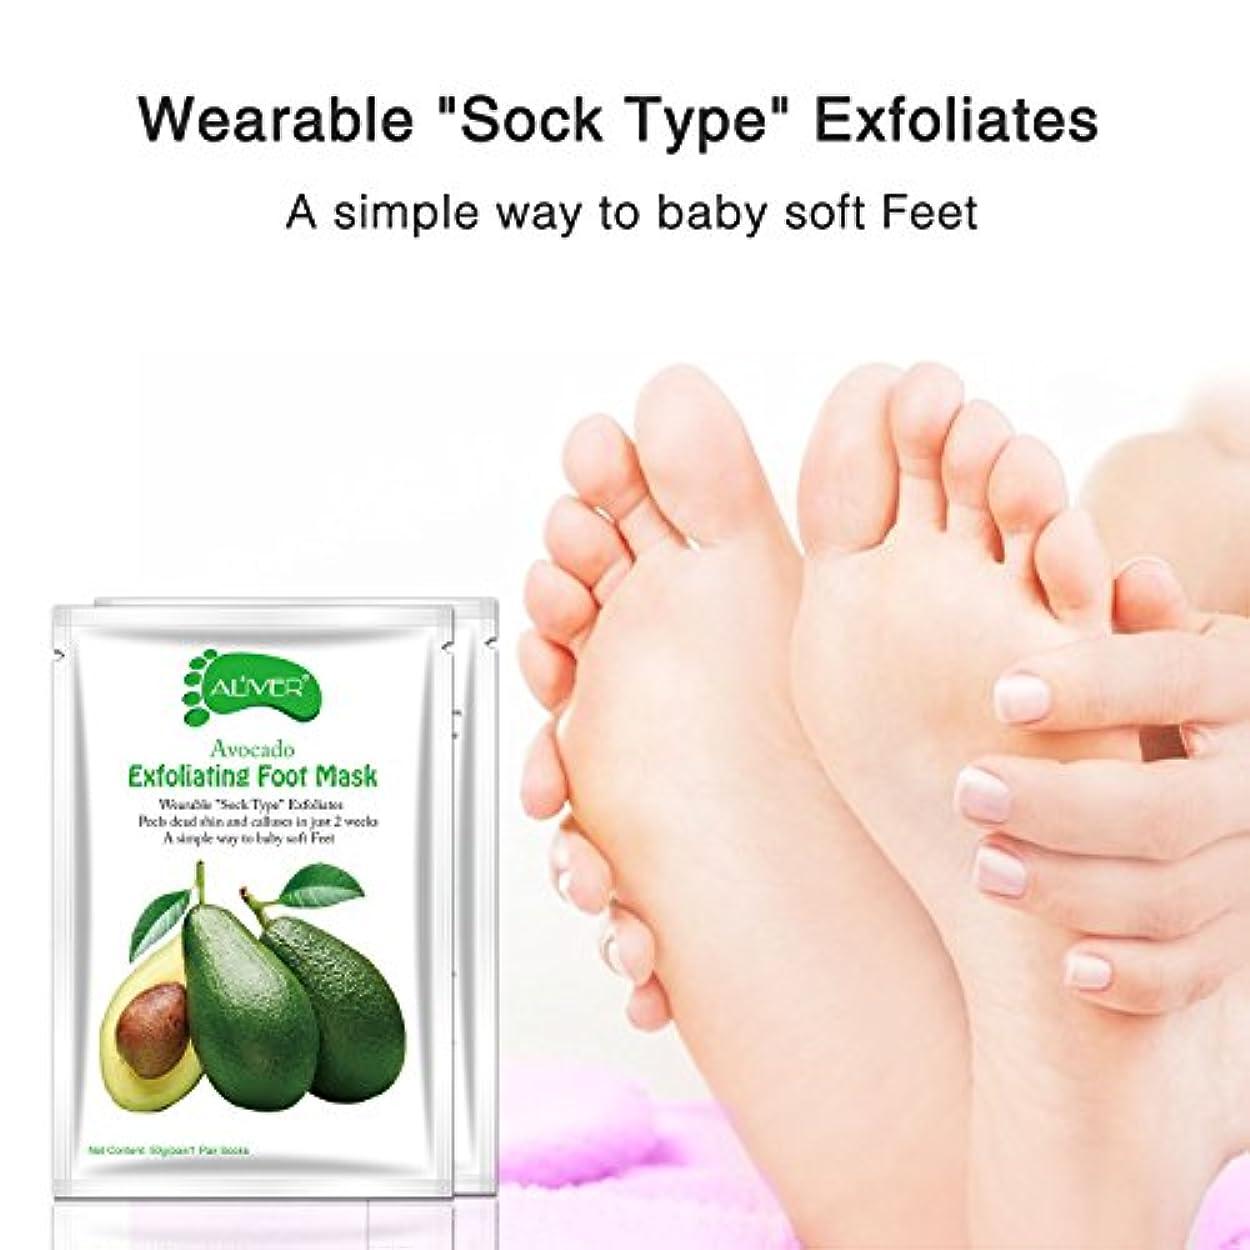 四回霜楕円形(5袋セット)Aliver足膜古い繭の死皮や角質を除去するために、1週間以内に柔らかい感触を得て、つるっとした足、ざらざらした足を修復します。男女ともに適用する。6種類の選択-パパイヤ足膜、バラ足膜、カモミール足膜、ラベンダー...